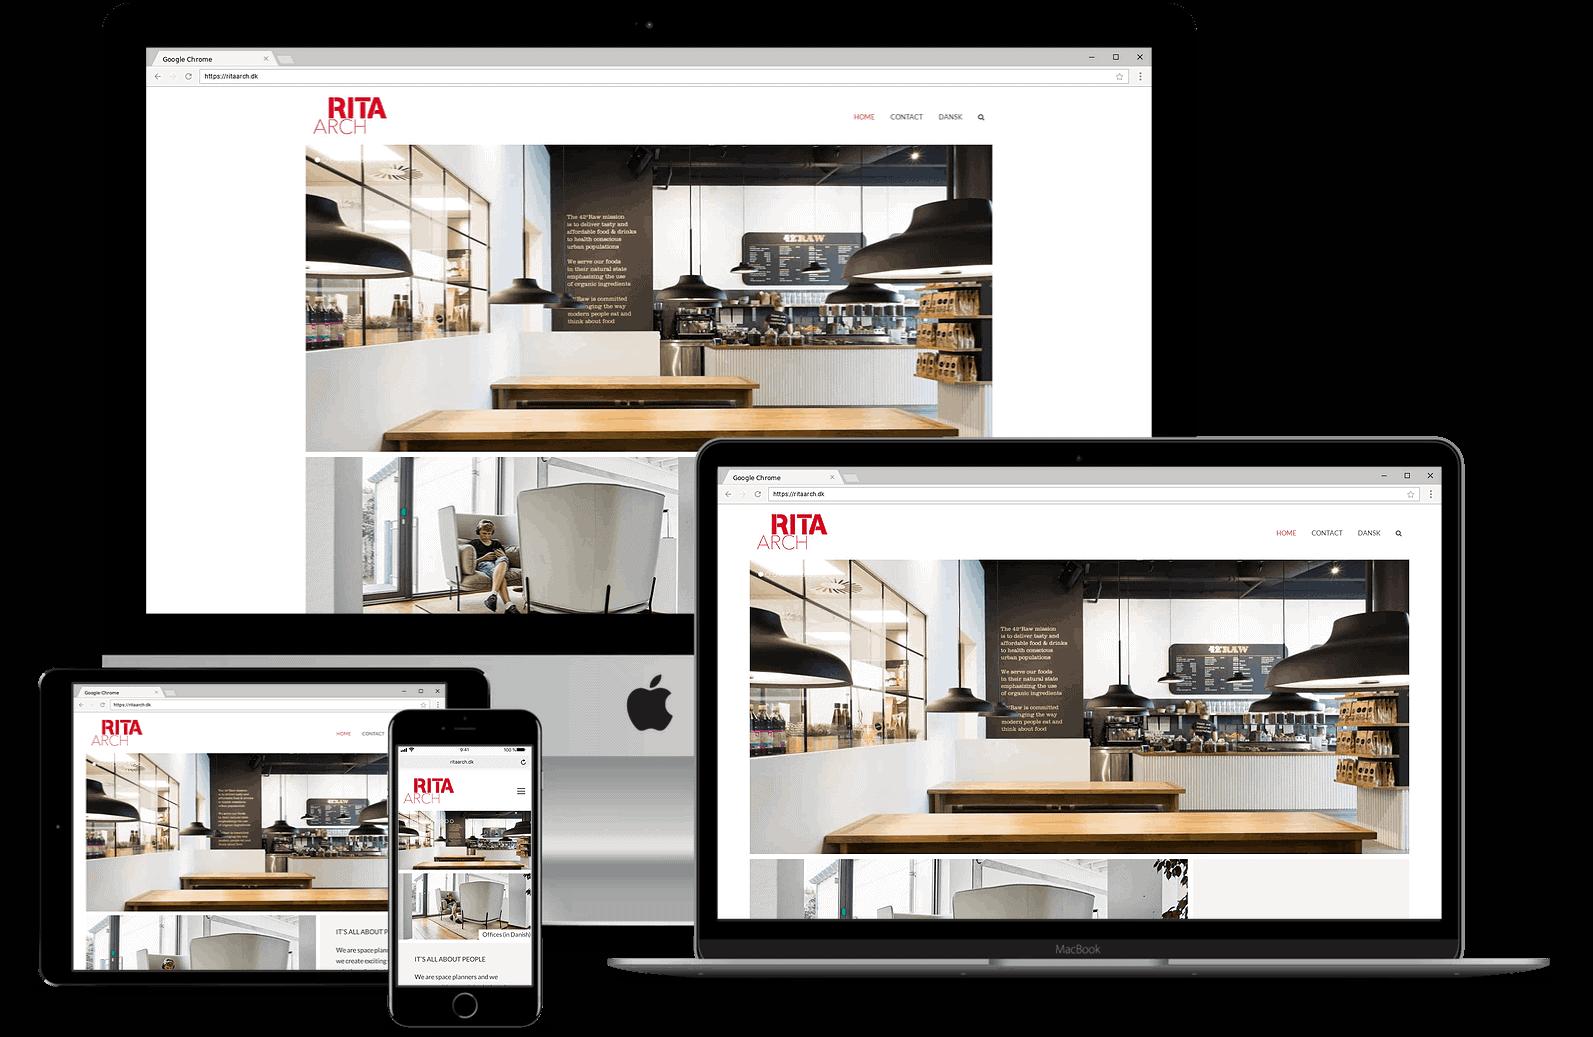 Hjemmeside til RITA indretningsarkitekter fra obbekaer.dk